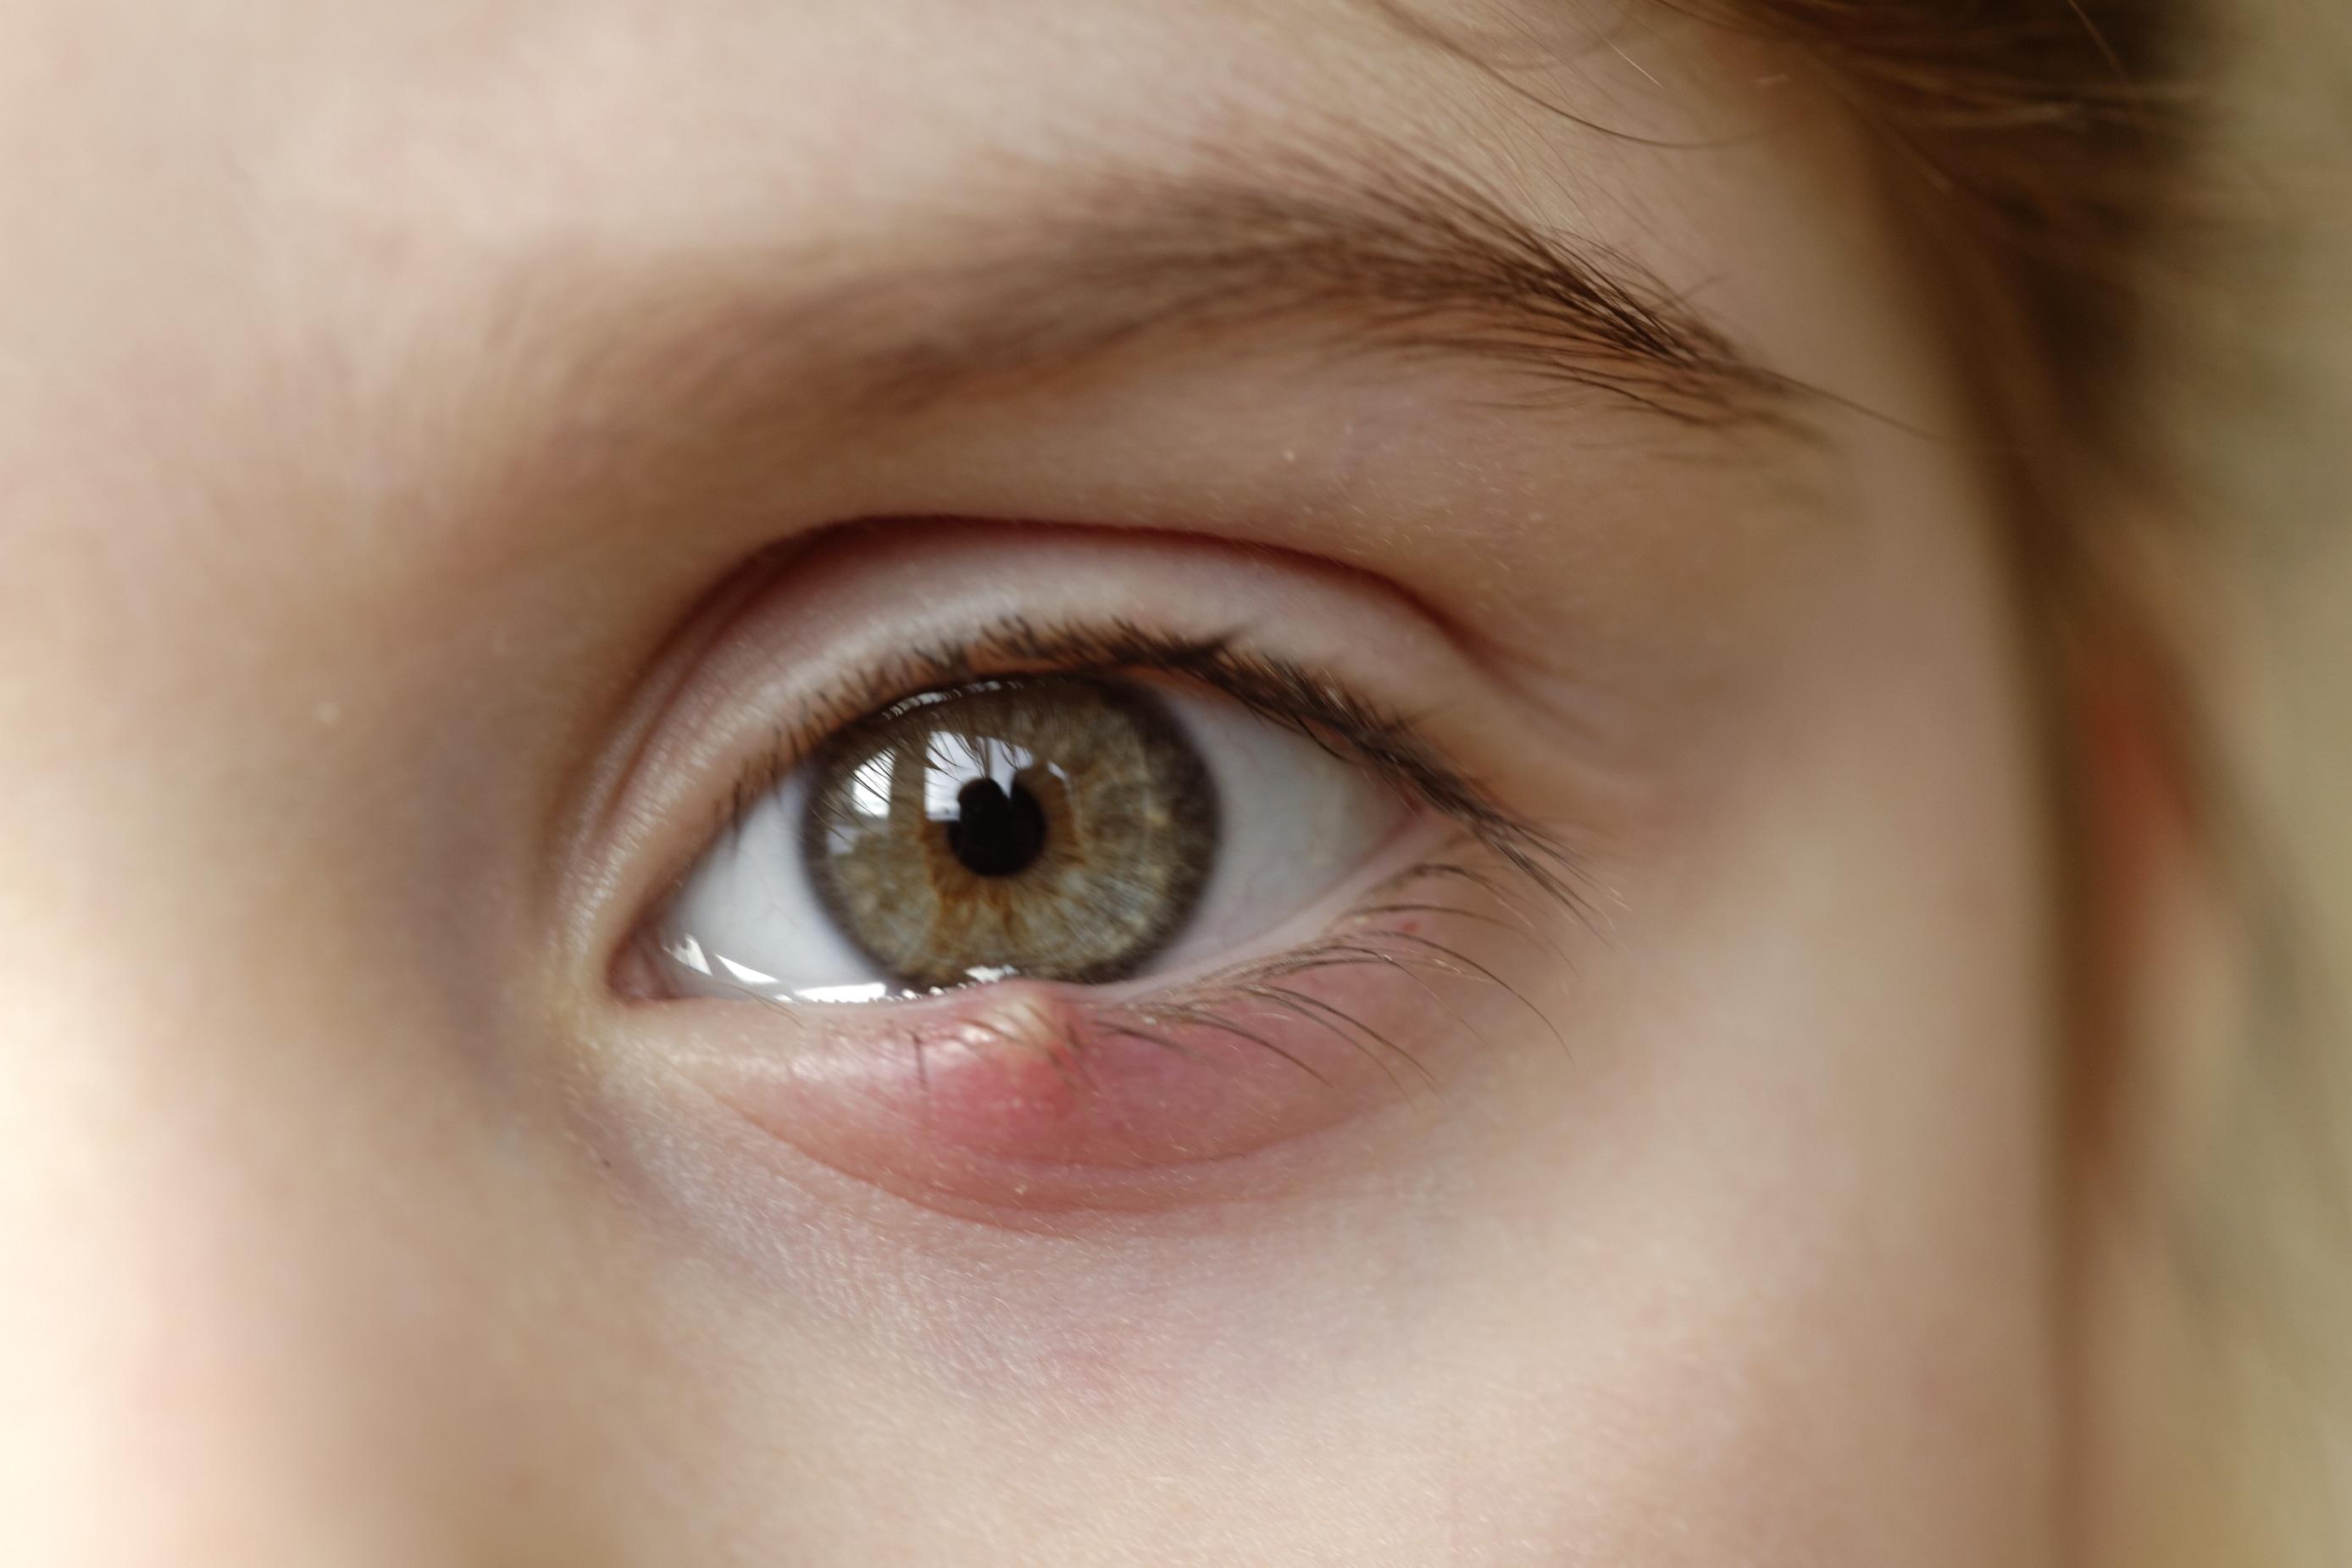 Que es papiloma en el ojo, Traducerea «estafiloma» în 25 de limbi